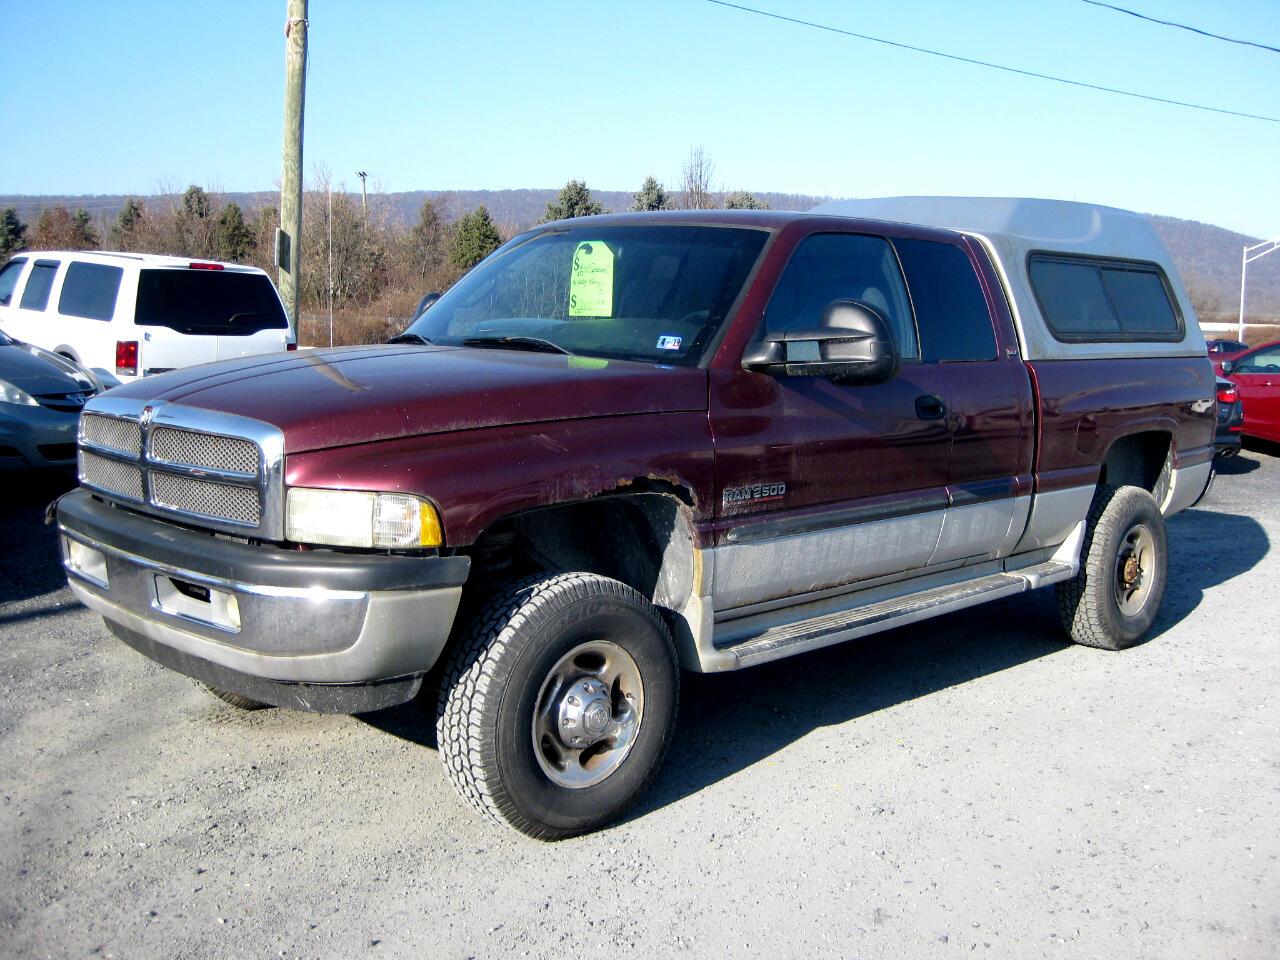 2001 Dodge Ram 2500 SLT Plus Quad Cab Short Bed 4WD